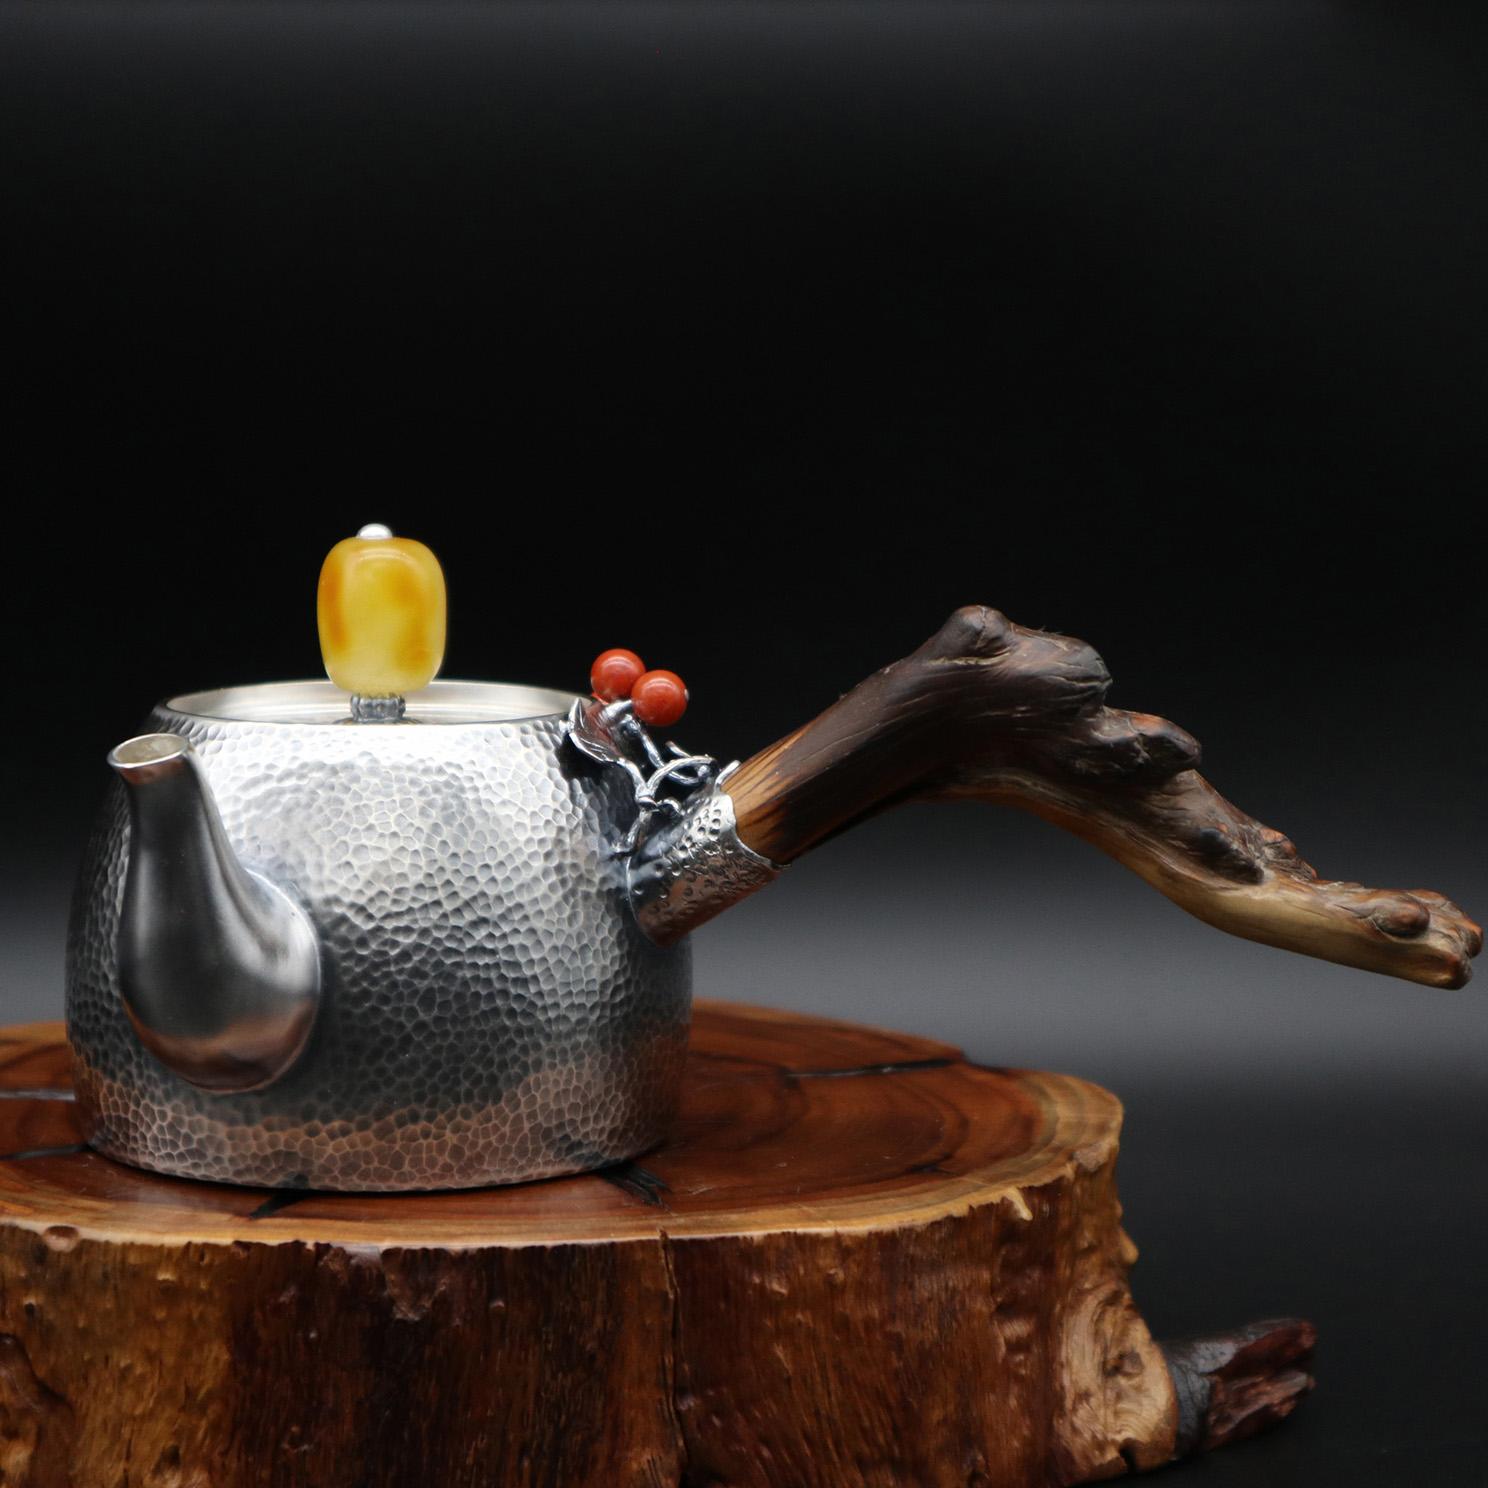 【福祉】S999纯银手工 茶壶